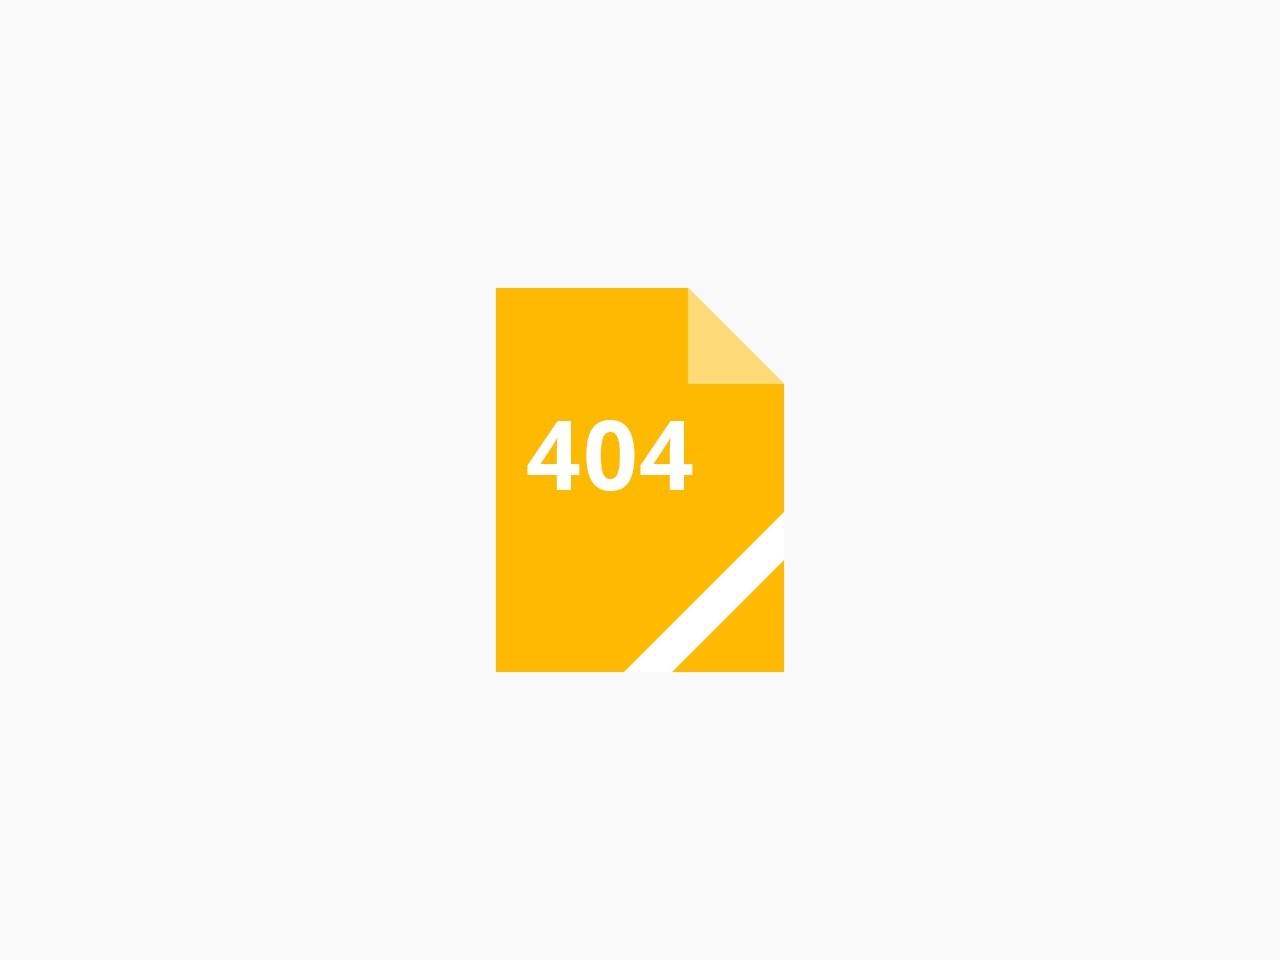 久友下载站_安全可靠免费的绿色软件下载旗舰站